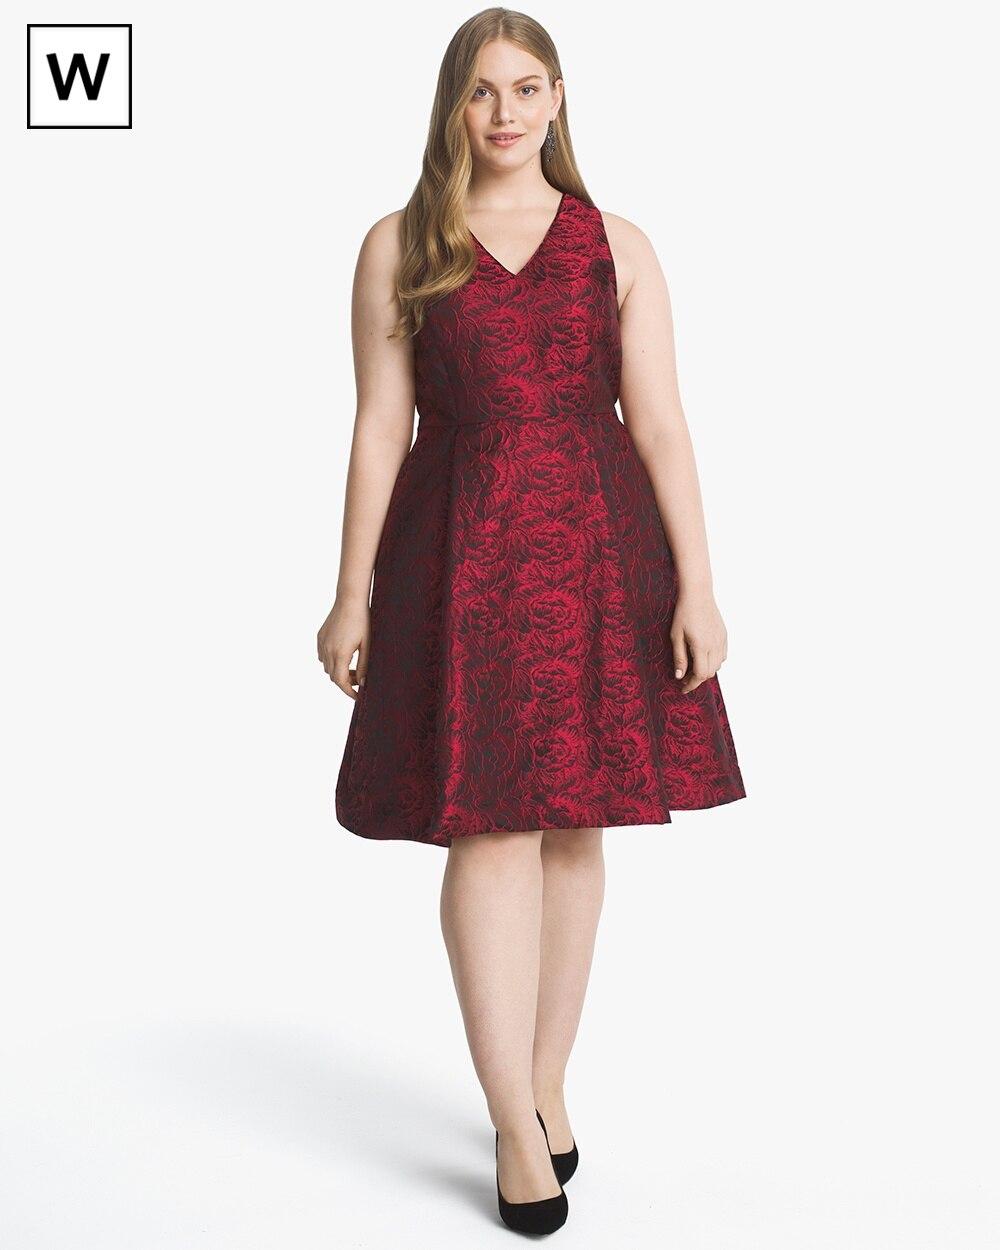 Plus Rose Print Jacquard Fit And Flare Dress White House Black Market